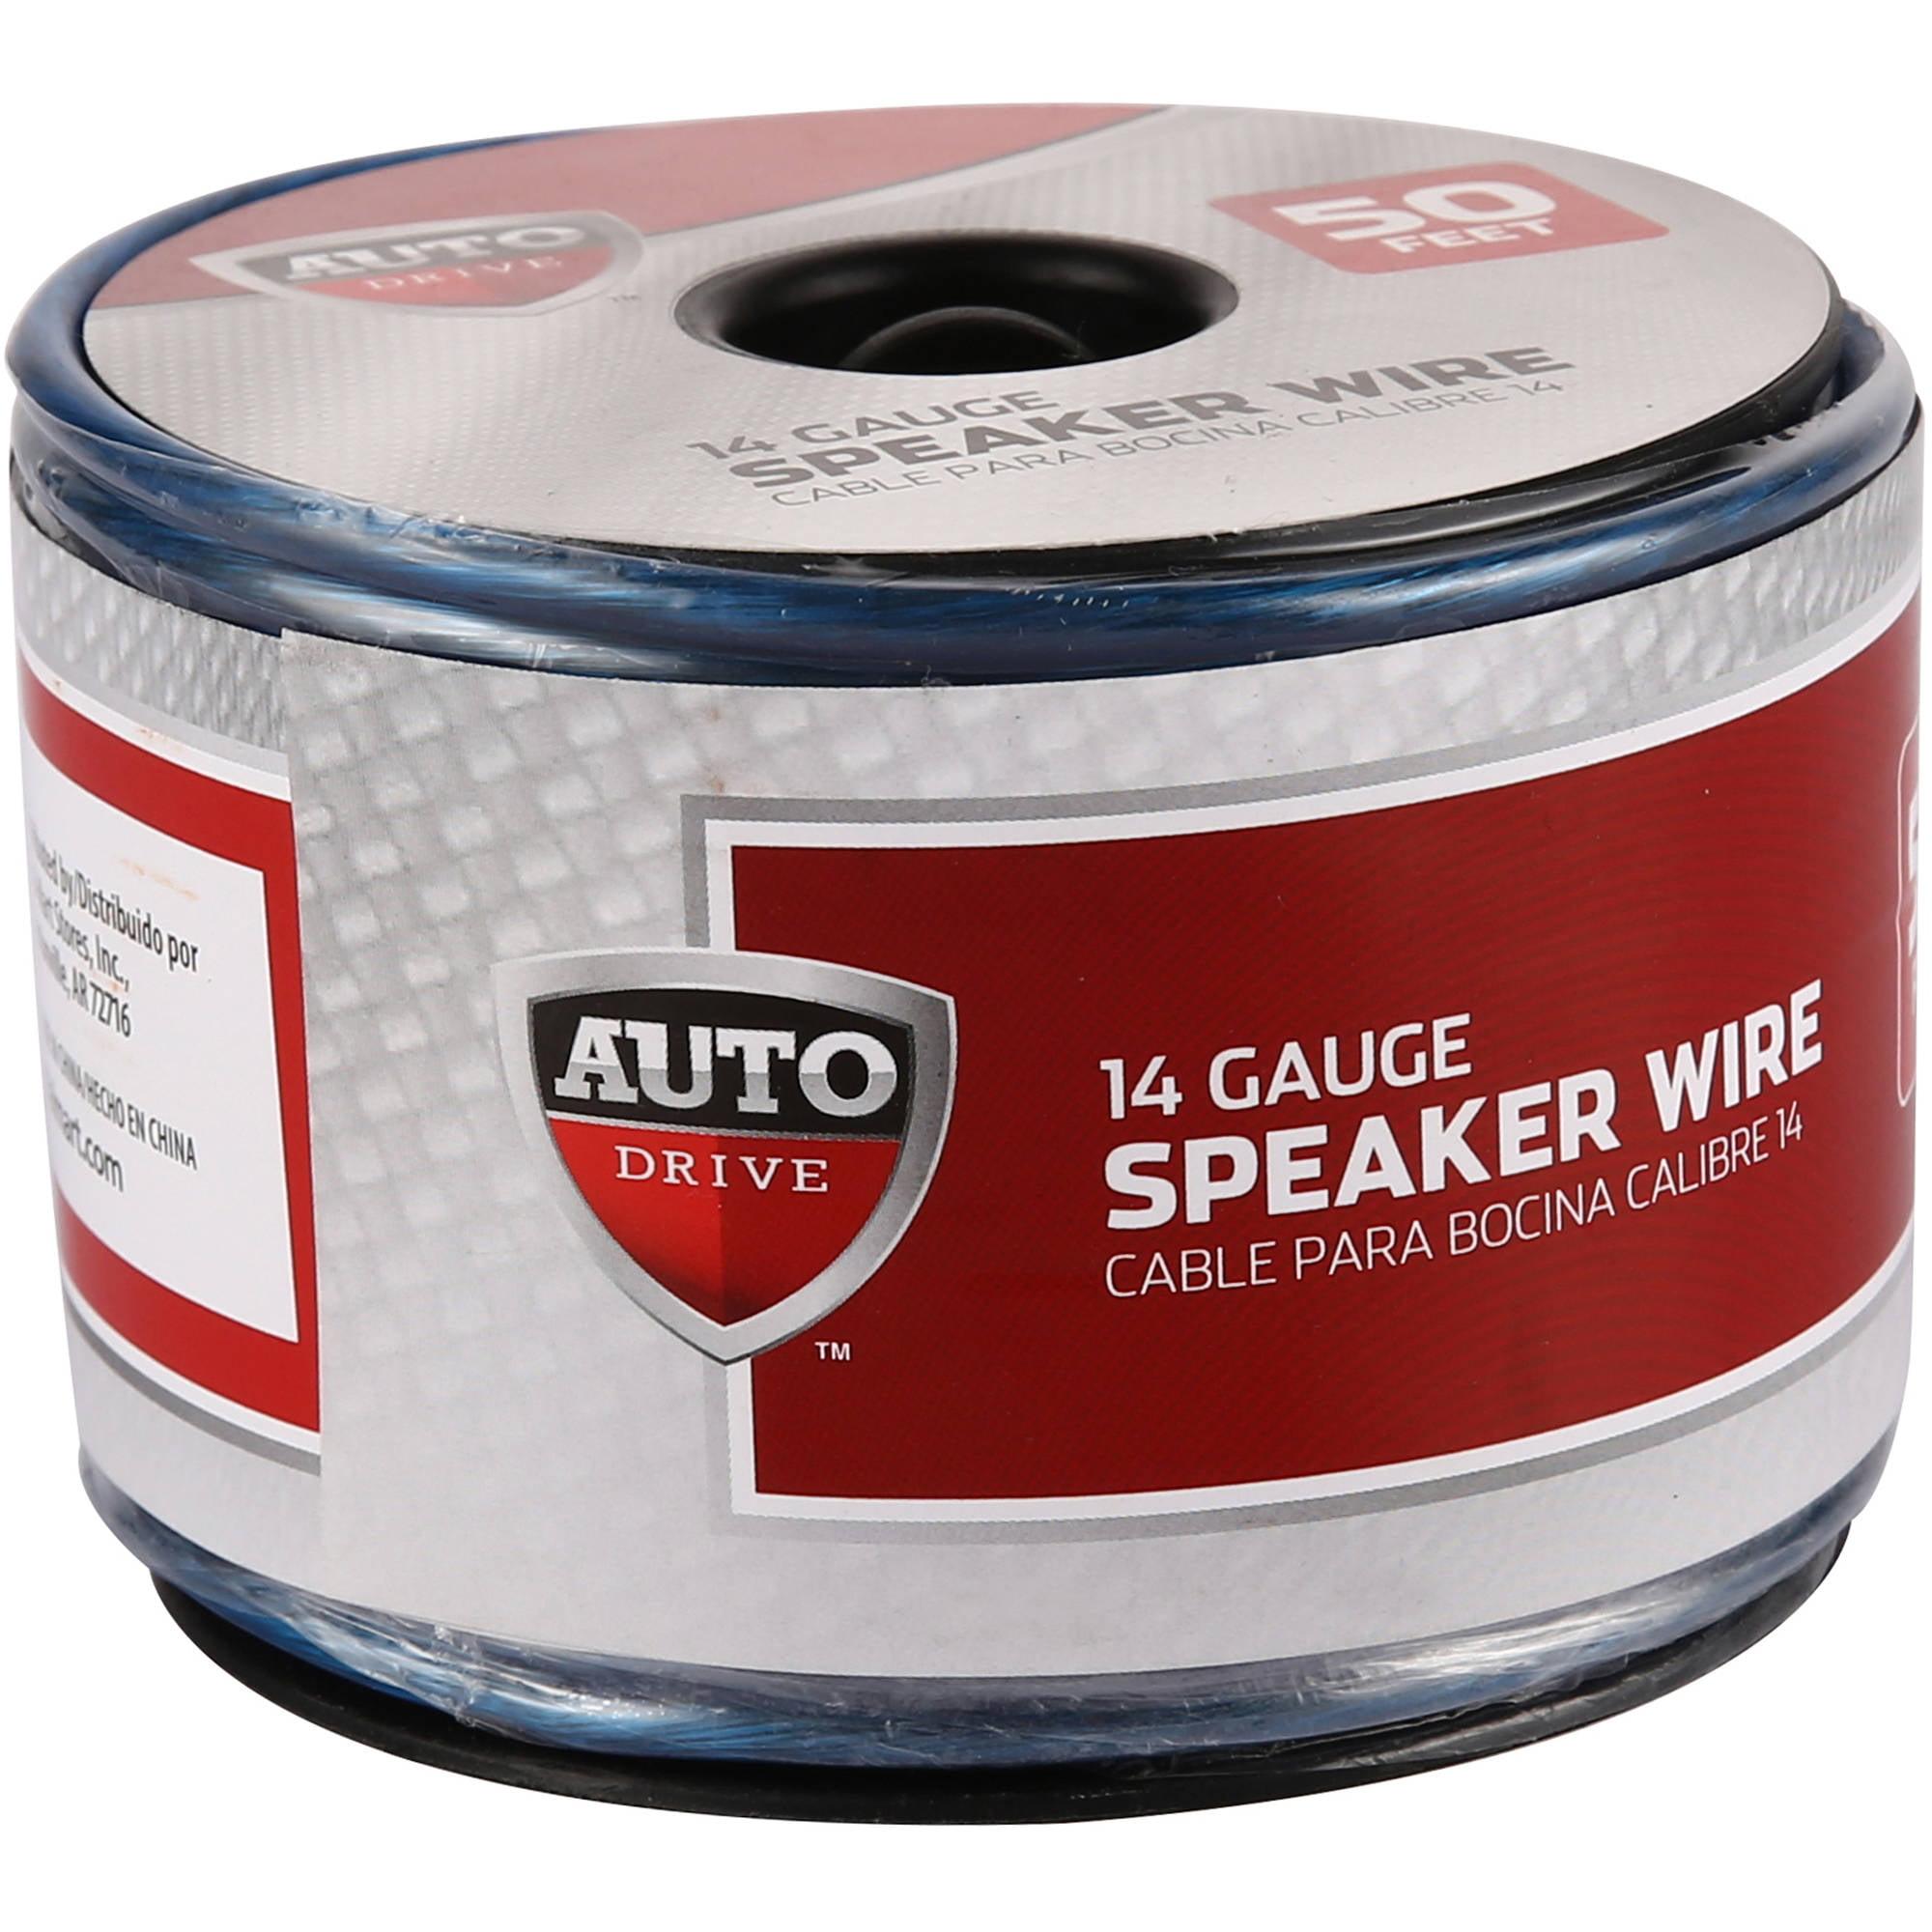 Auto Drive Car Stereo Speaker Wire, 14ga, 50', 15.2m